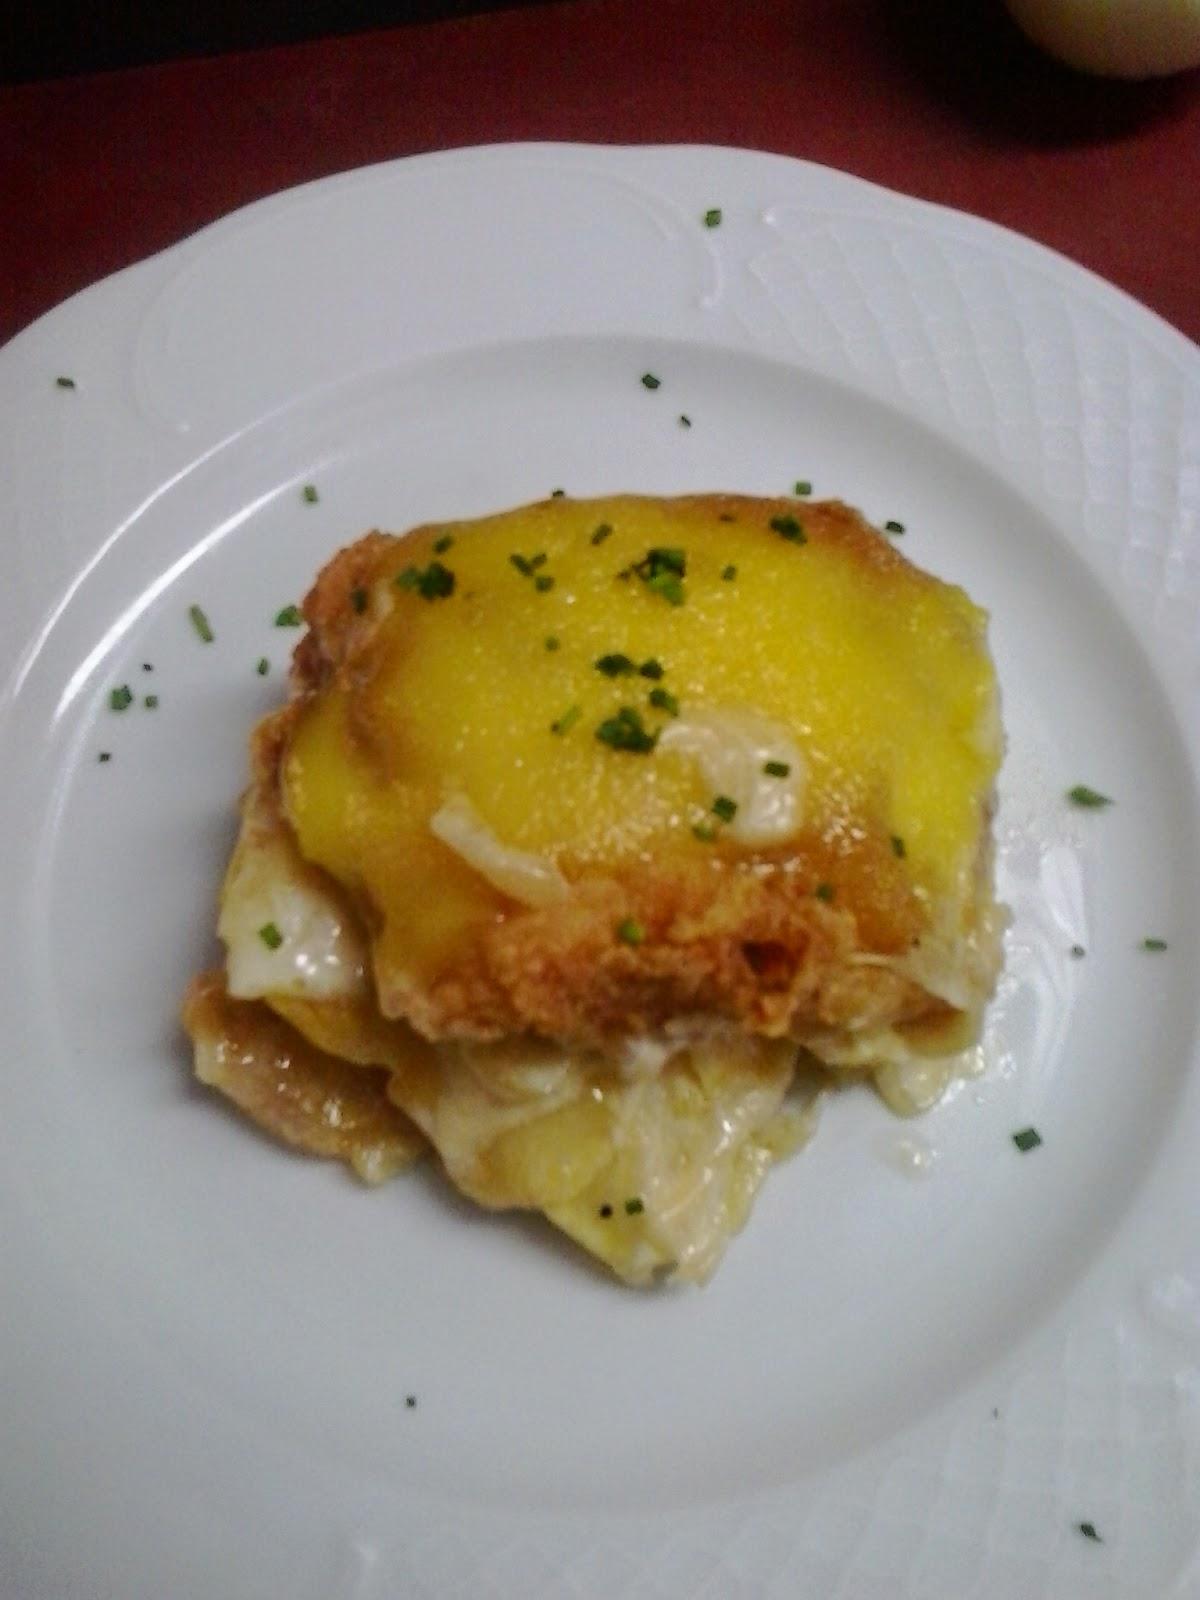 La cocina de paco garcia bacalao gratinado con alioli de miel - Cocina con paco ...